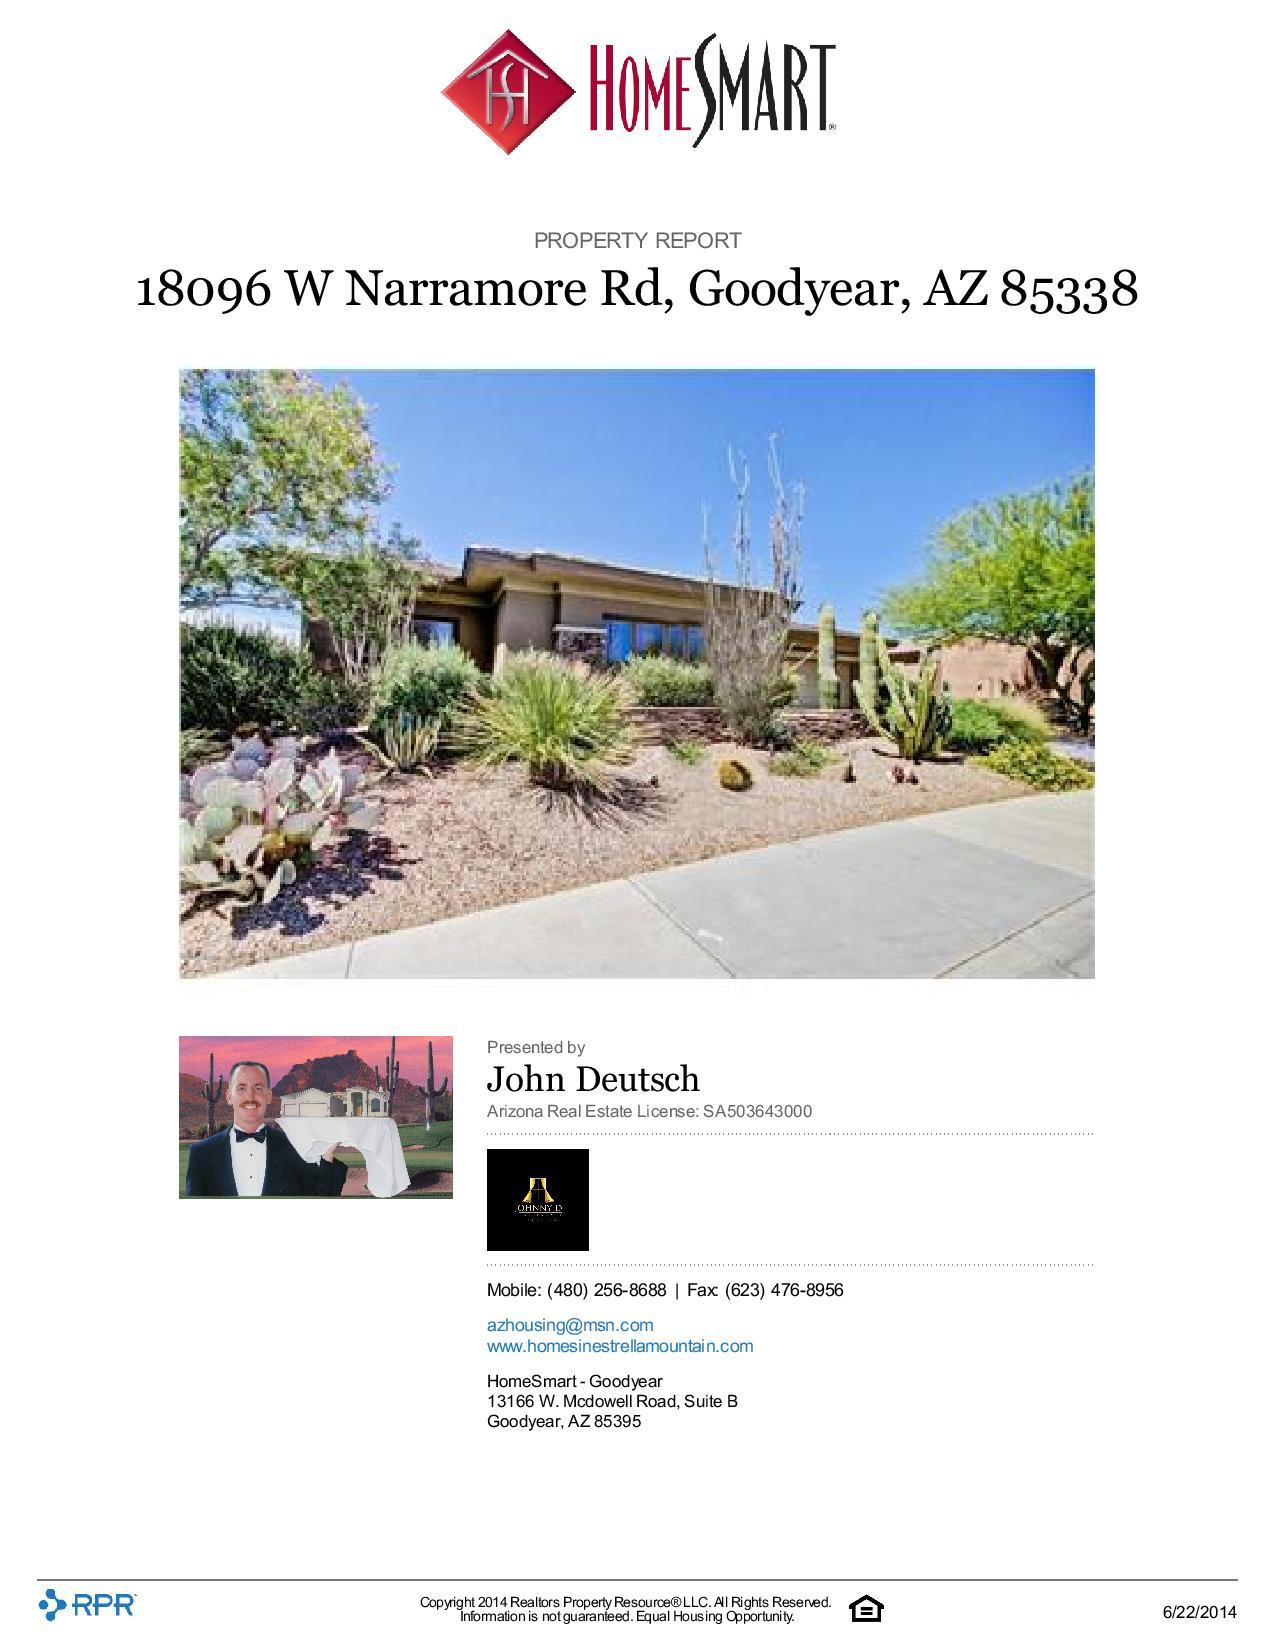 18096-W-Narramore-Rd-Goodyear-AZ-85338-page-001